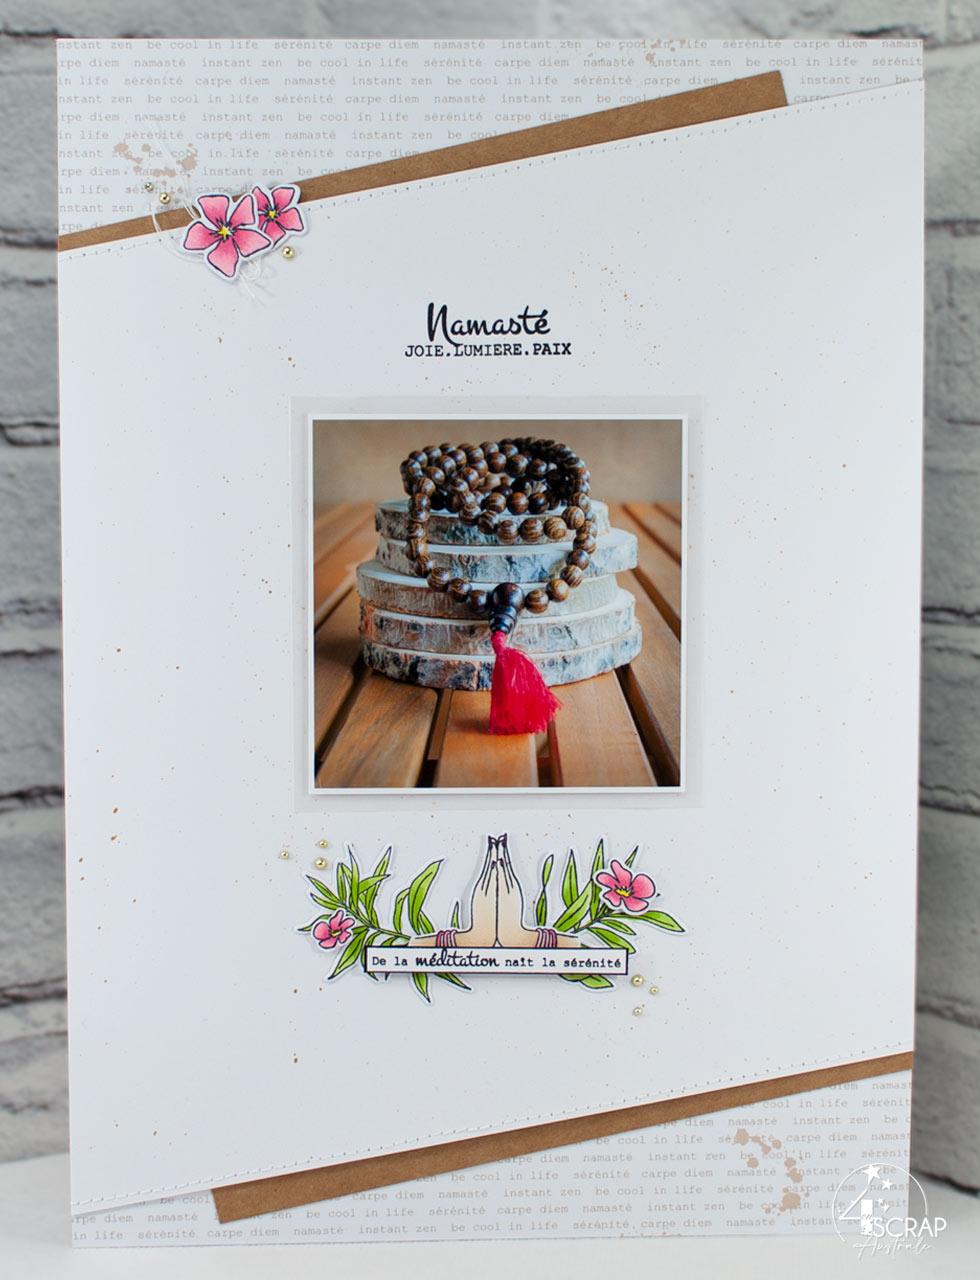 Création d'une page de scrap pour album A4 avec une photo d'un mala de perles en bois, feuillages et fleurs de laurier avec les mains en Namasté mudra.